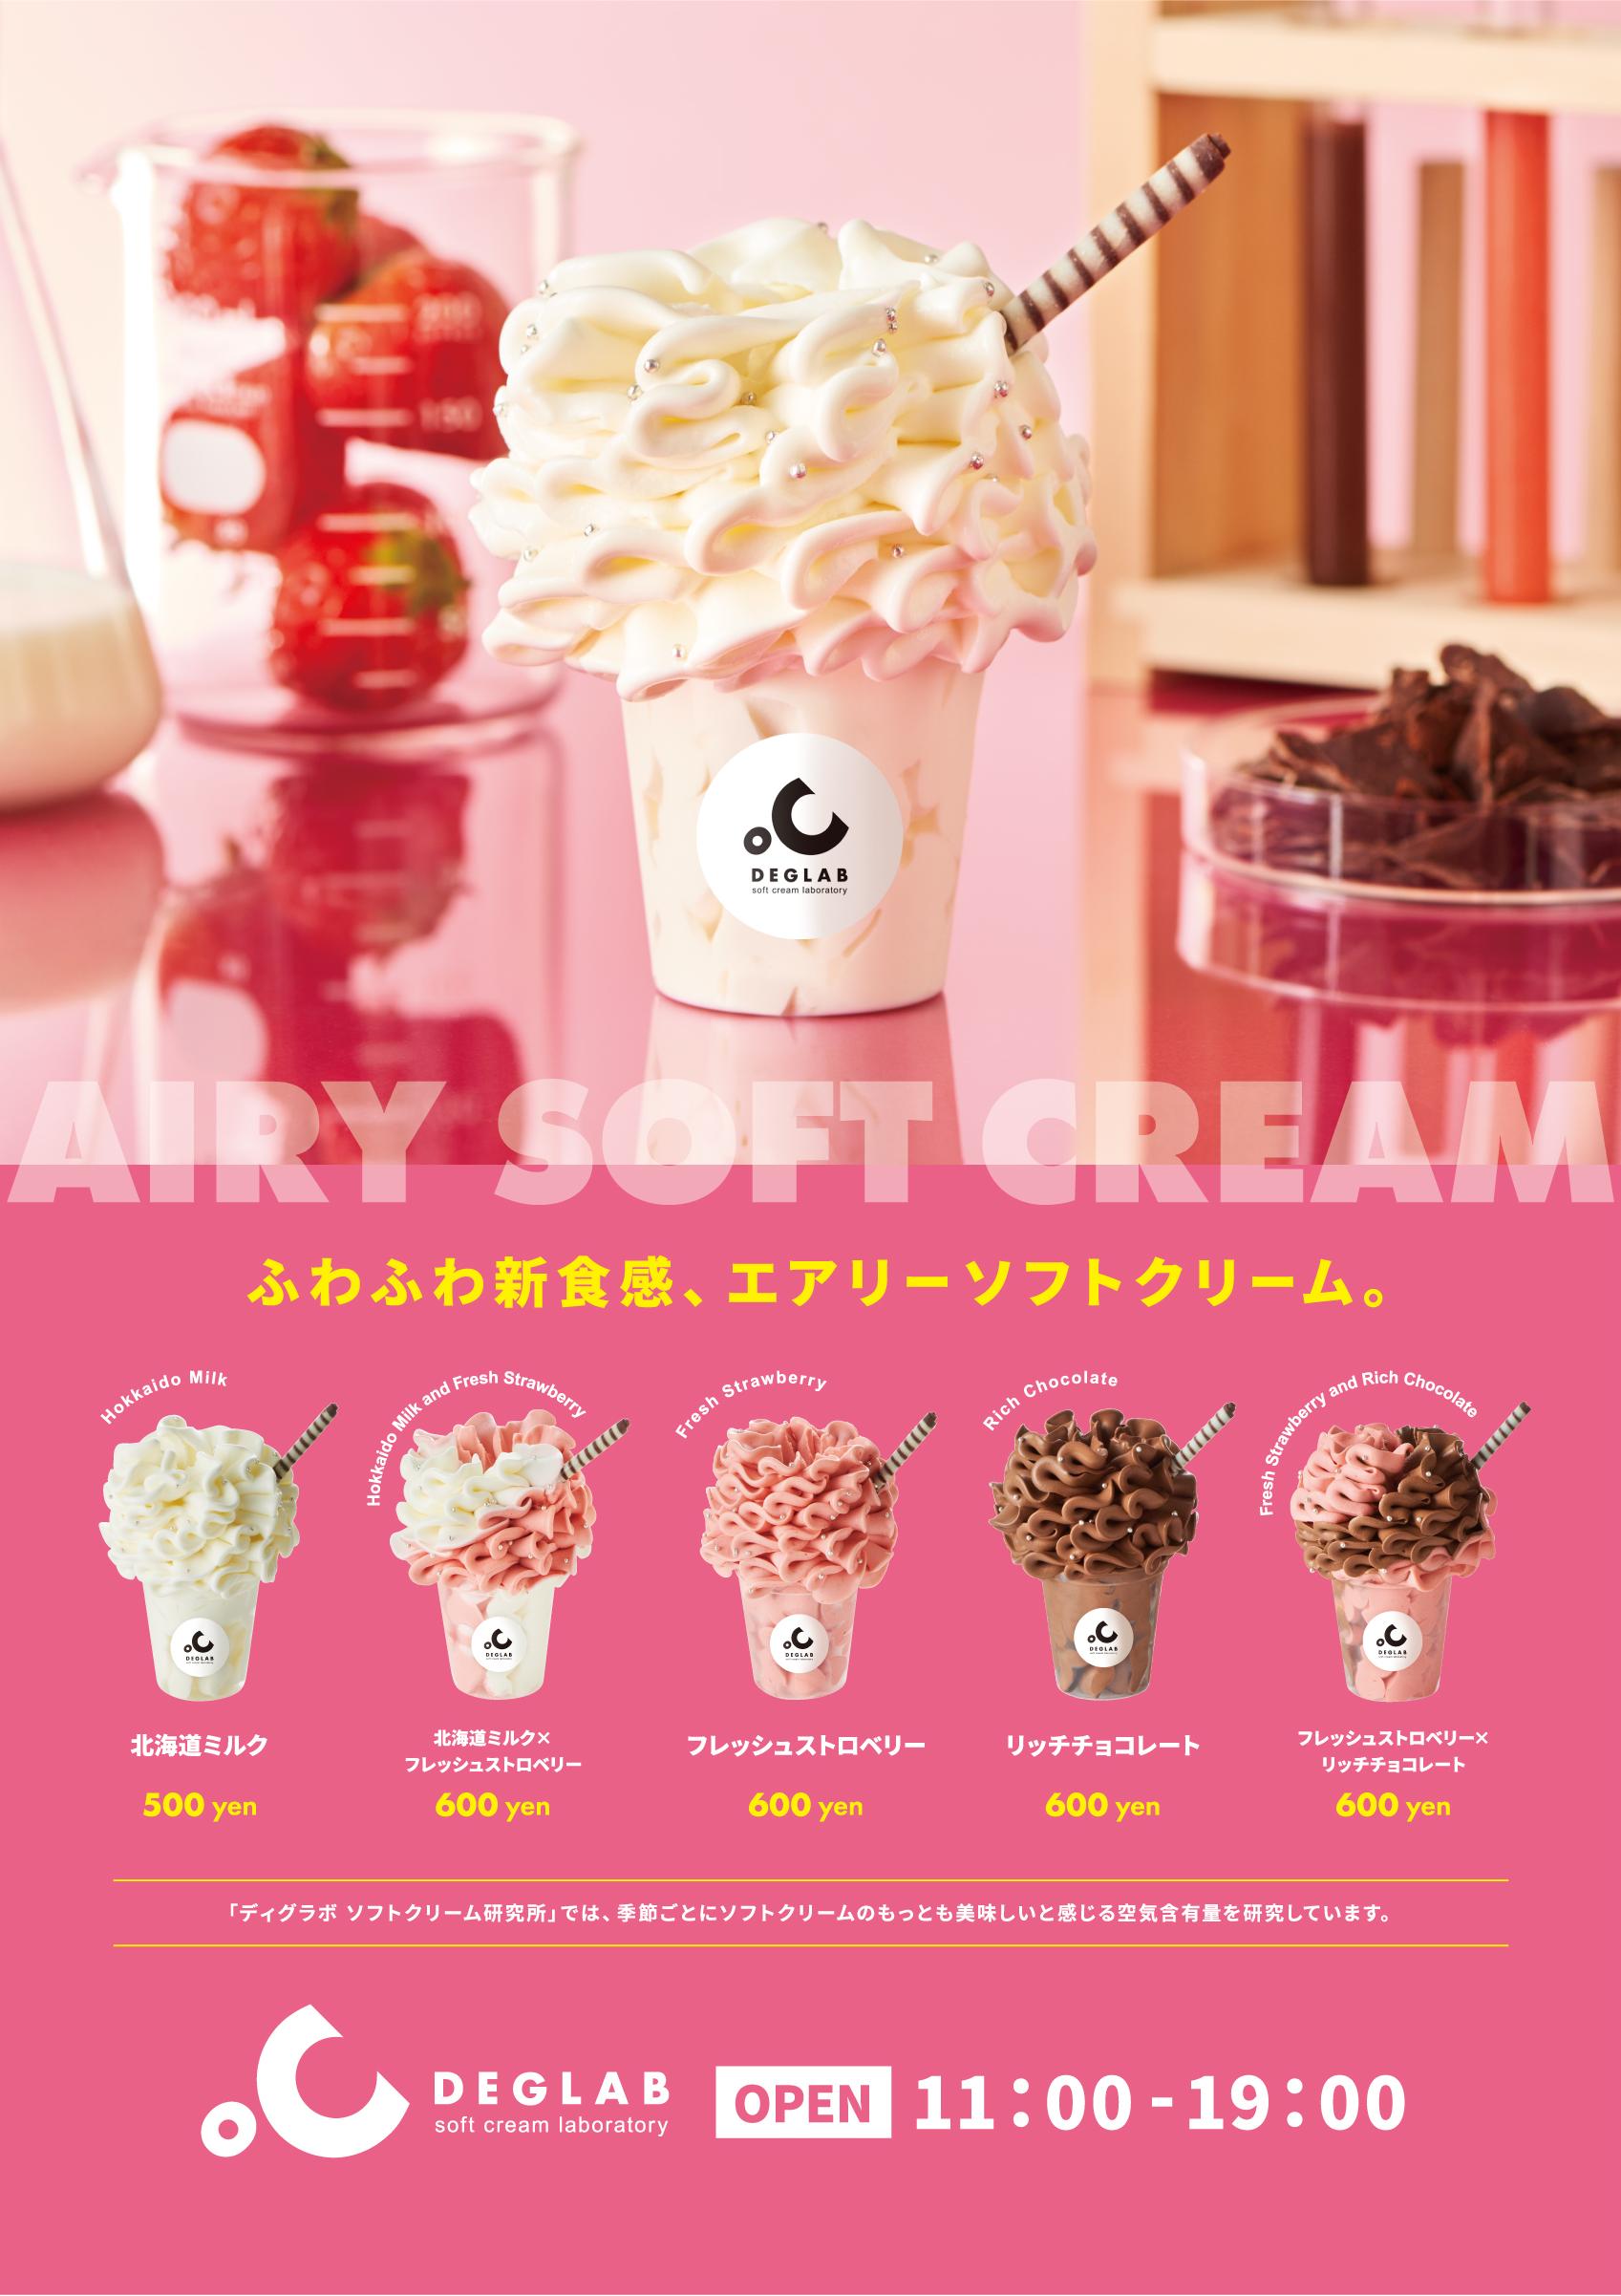 【2019/3/20(水)】ディグラボ ソフトクリーム研究所OPEN!